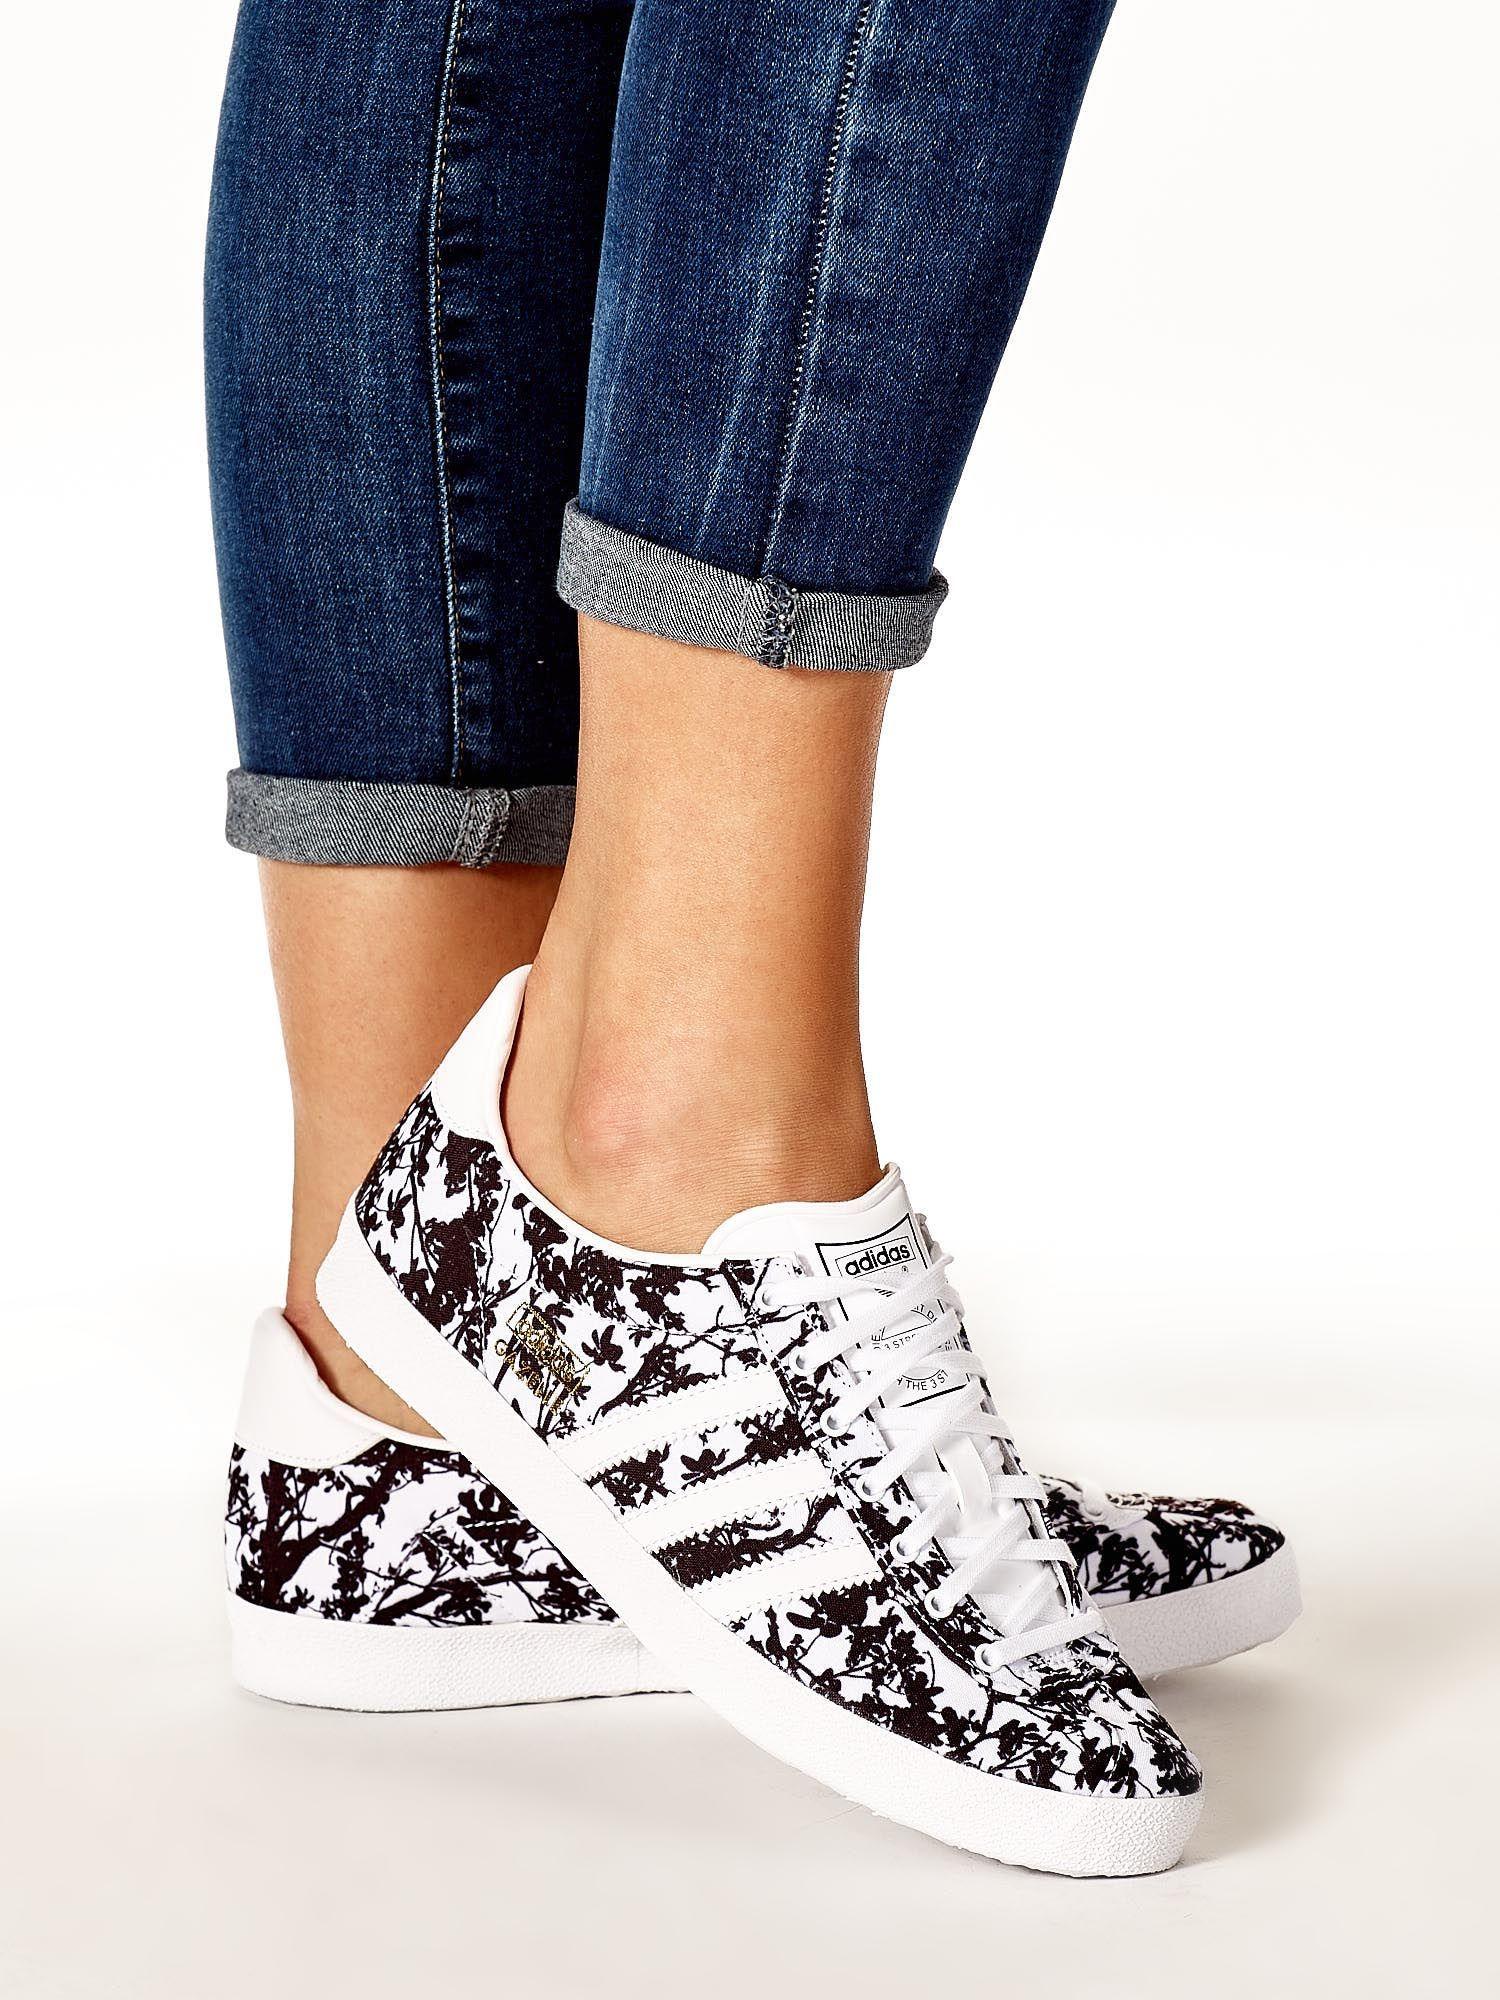 bc221310 ADIDAS Białe damskie buty sportowe z motywem roślinnym - Buty Buty ...